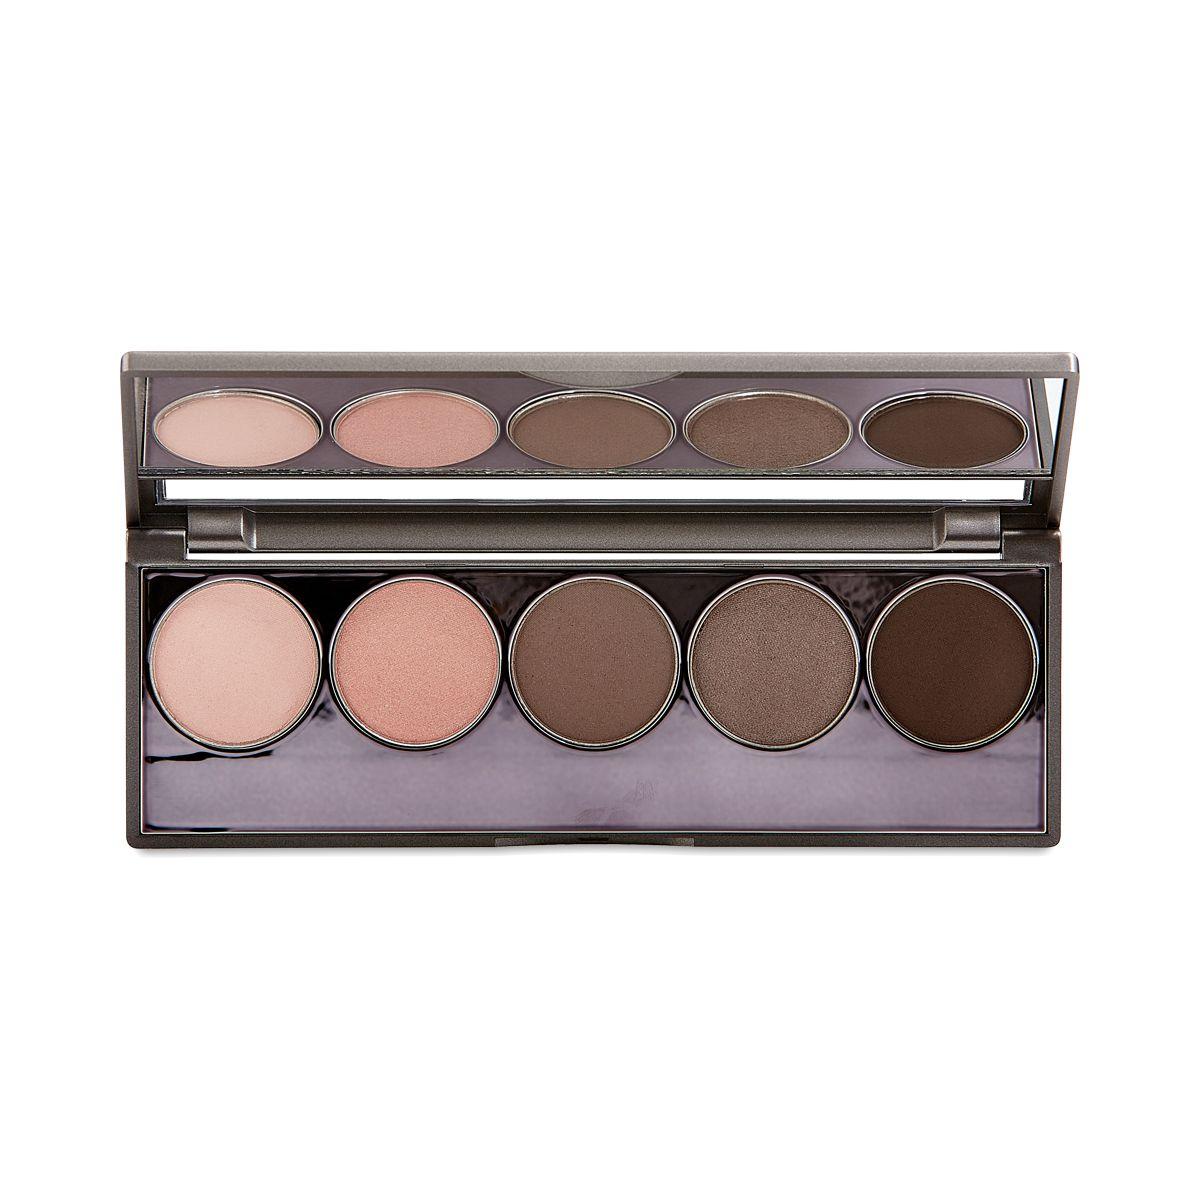 W3ll People Nudist Eyeshadow Palette in 2 Violet-Based Hues